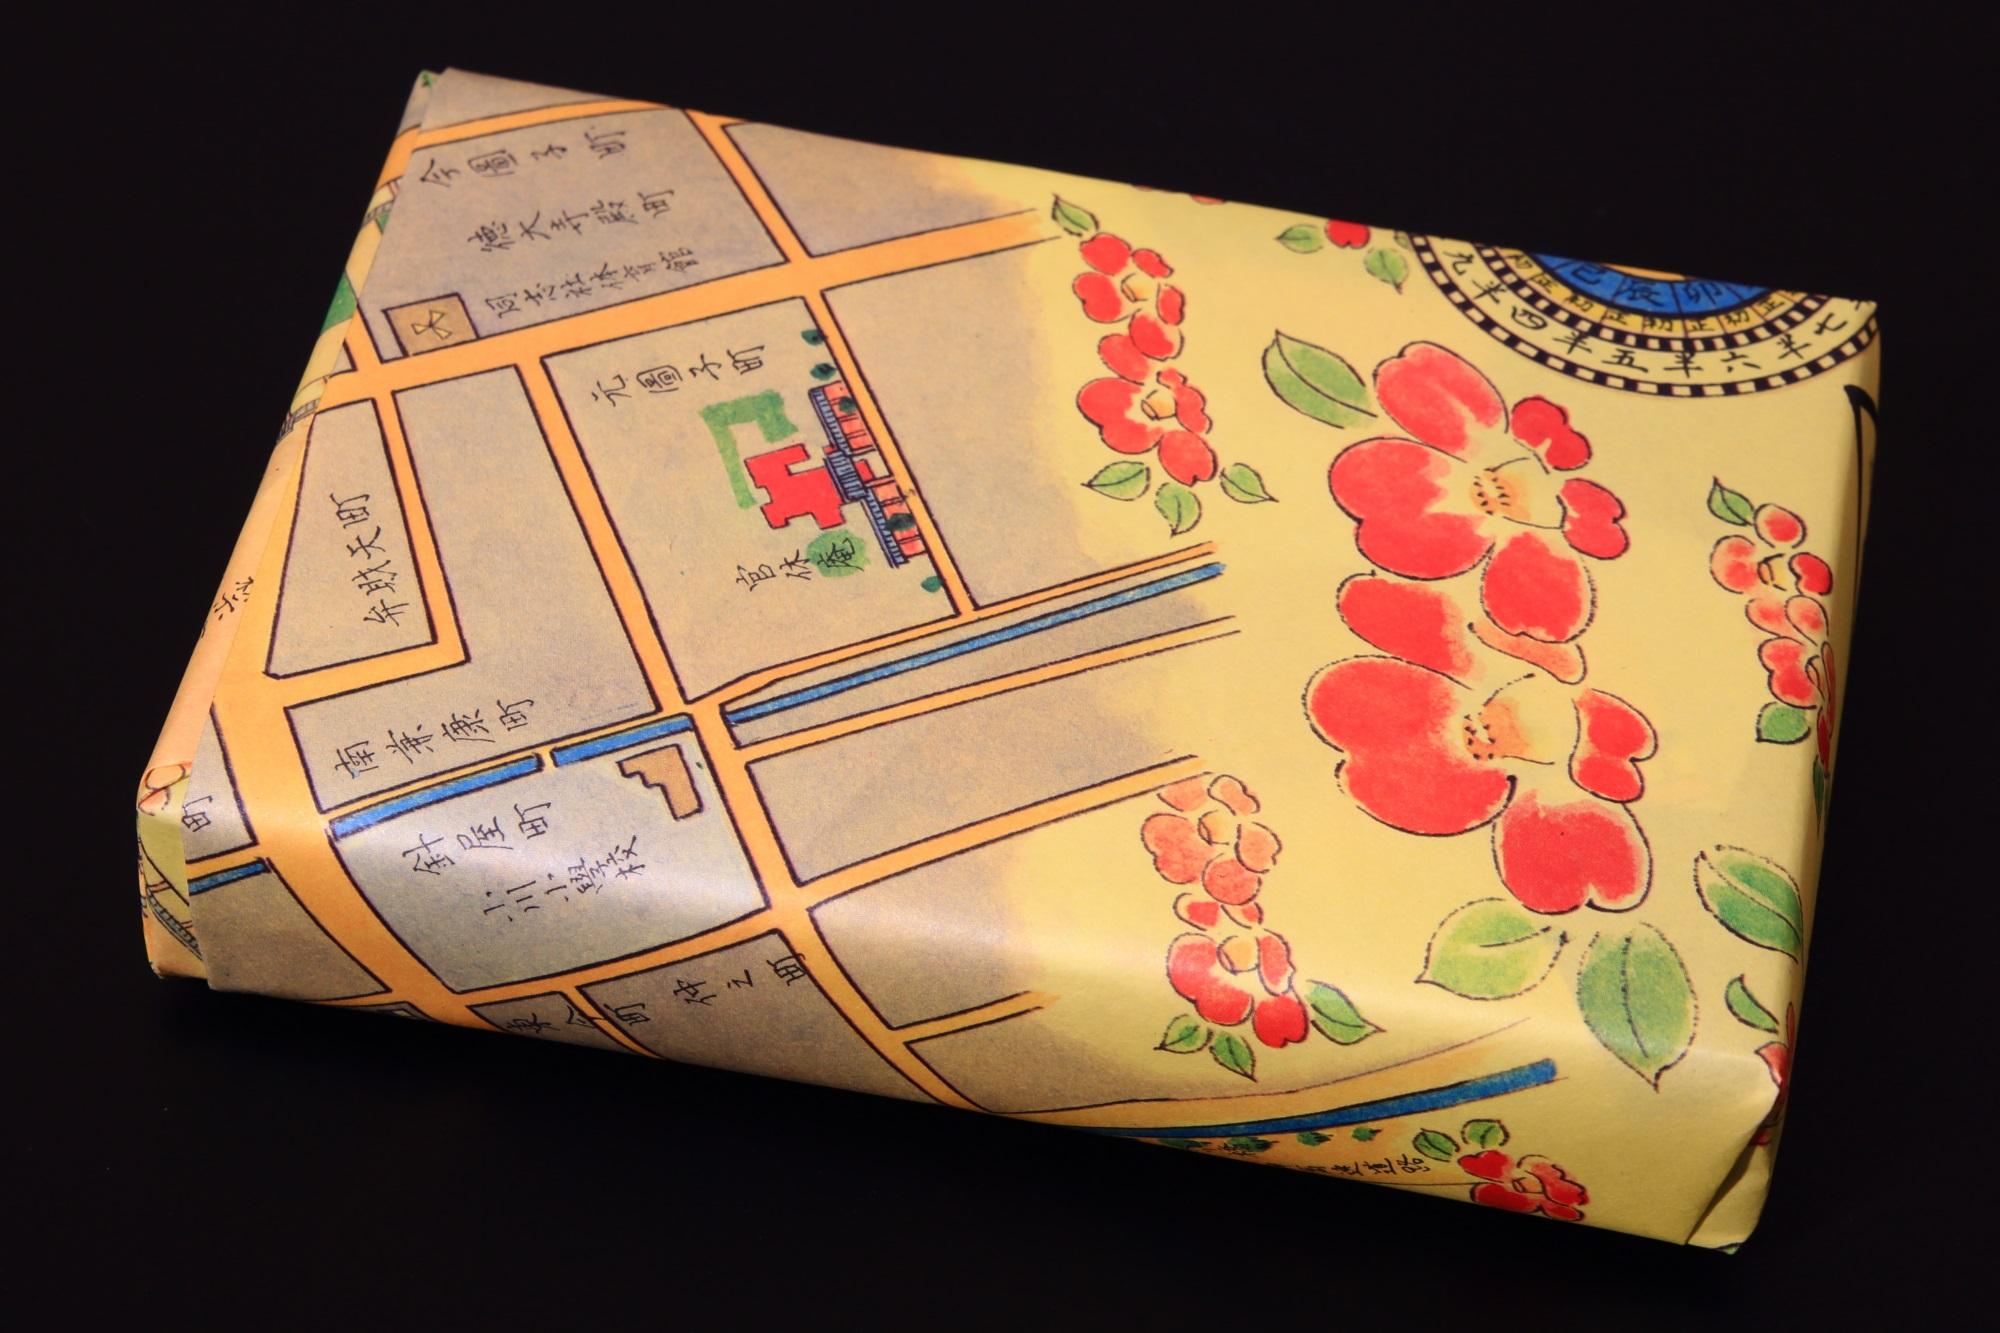 和菓子の俵屋吉富 祇園店限定の京まいこちゃんボンボンの包装紙